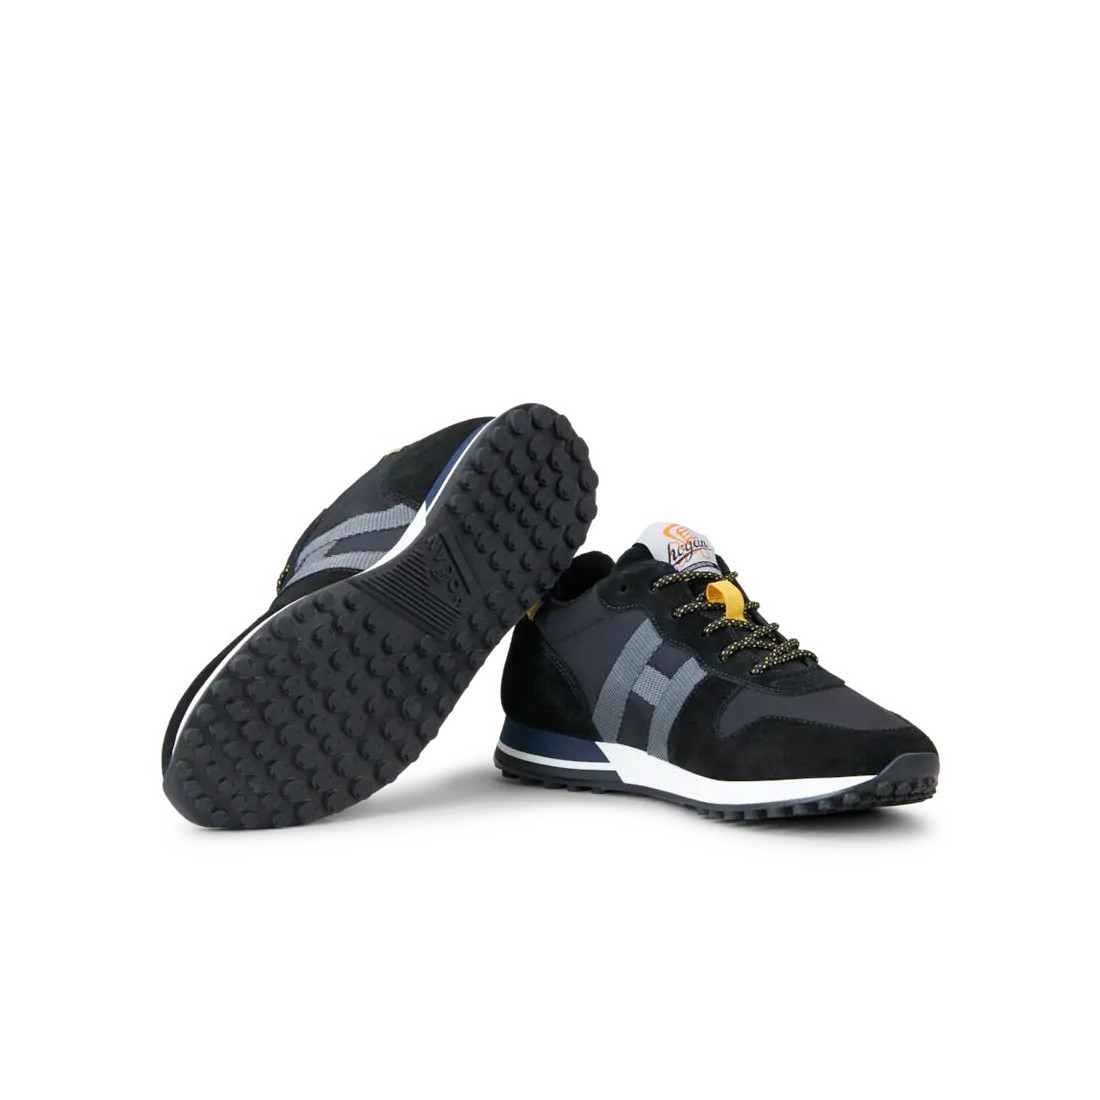 sneakers man hogan hxm3830an51n4x691p 6649